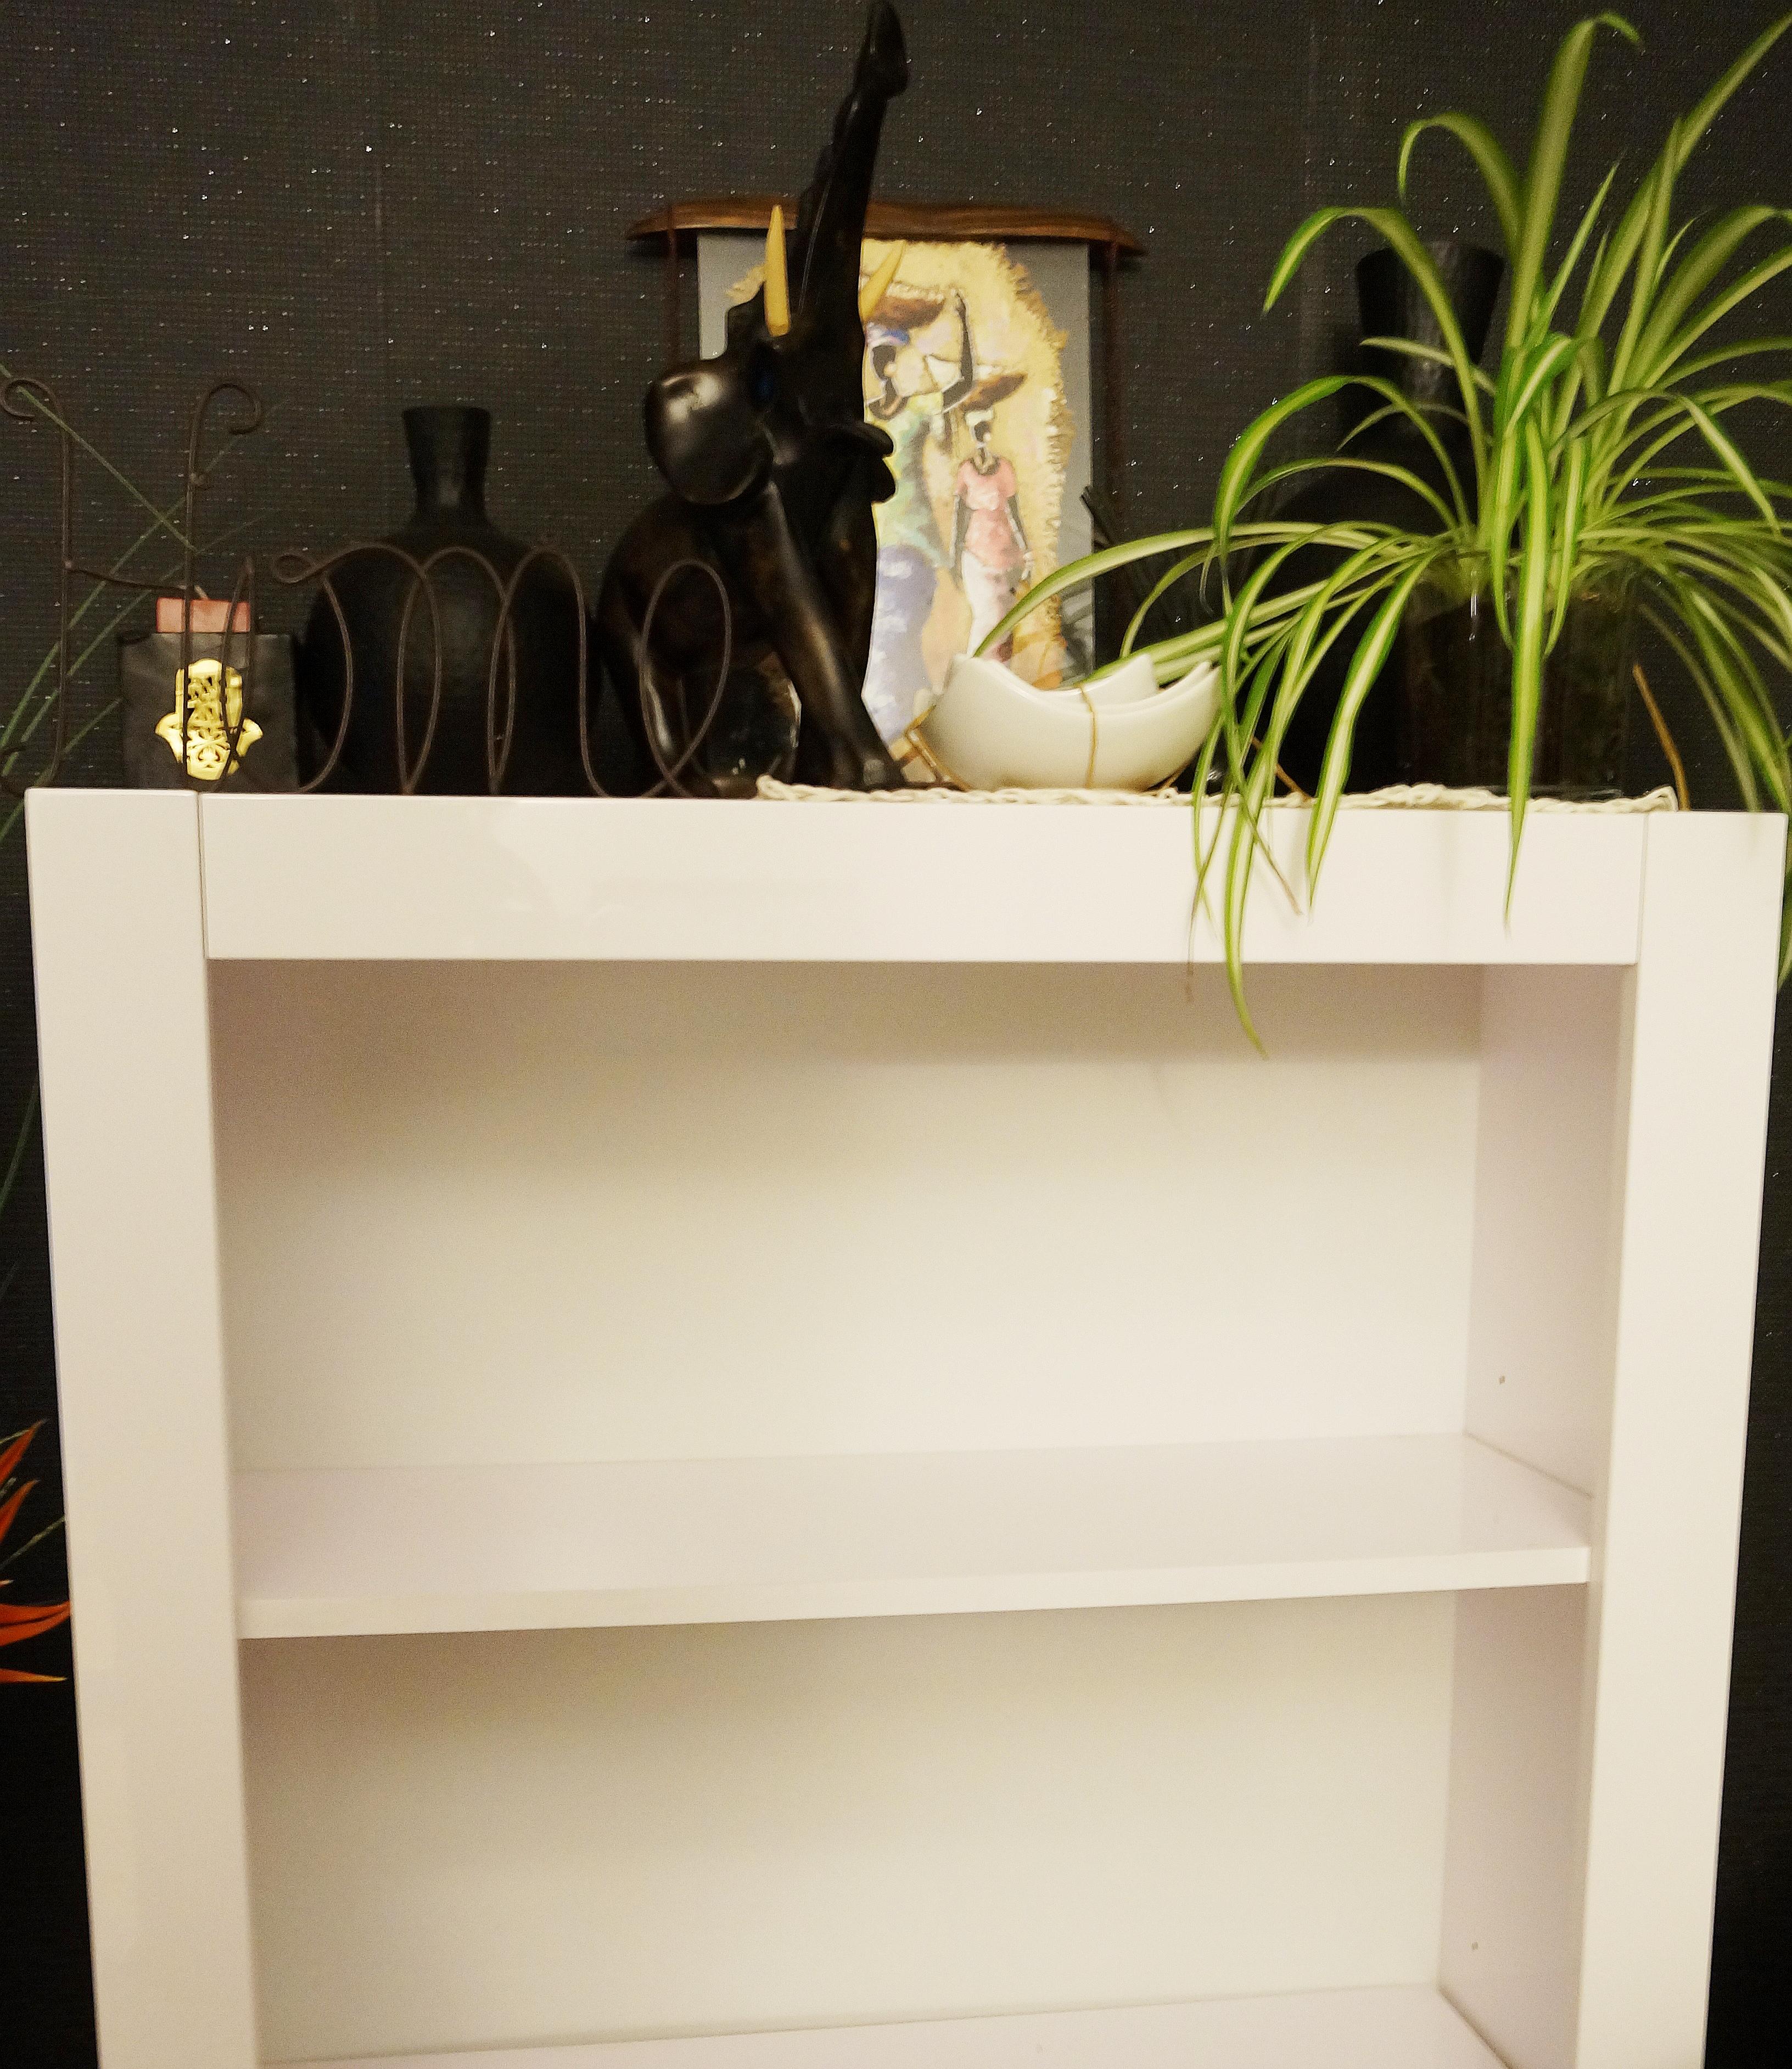 Biblioth que customis e avec du papier peint rasch for Comment donner des meubles a emmaus